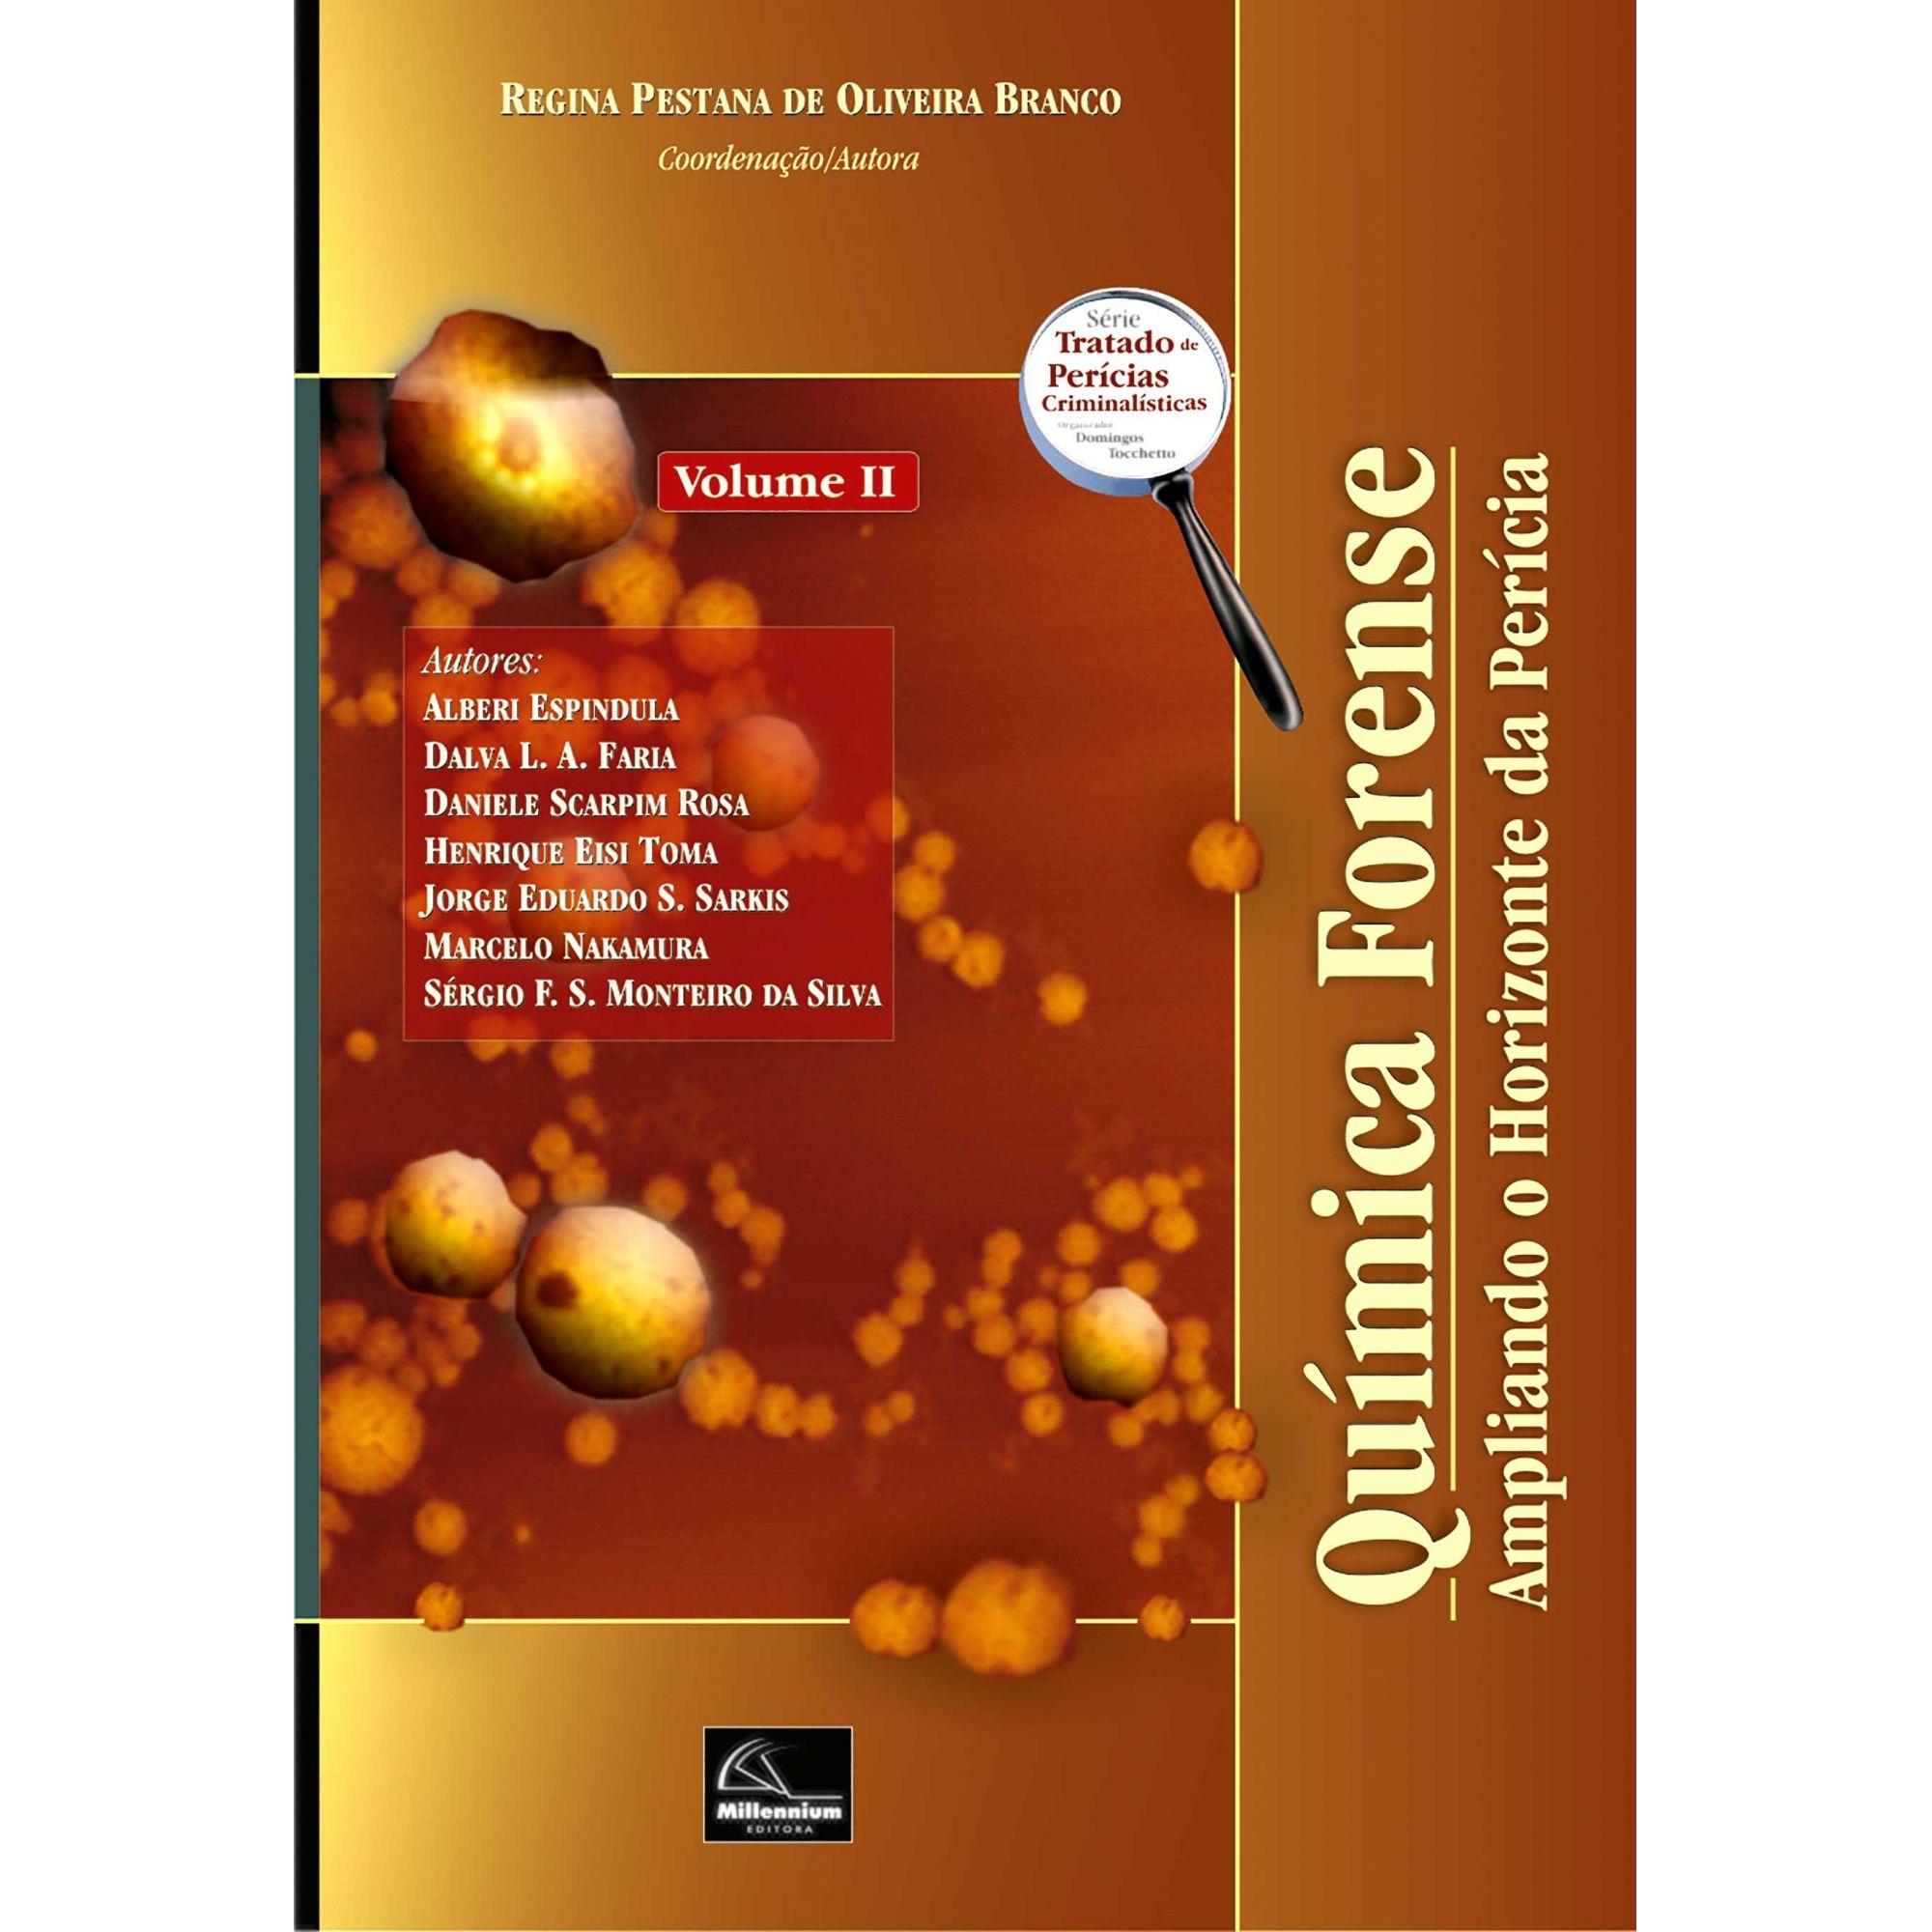 Química Forense - Ampliando o Horizonte da Perícia - Volume II <b>Coordenadora: Regina do Carmo Pestana de Oliveira Branco</b>  - Millennium Editora - Livros de Perícia